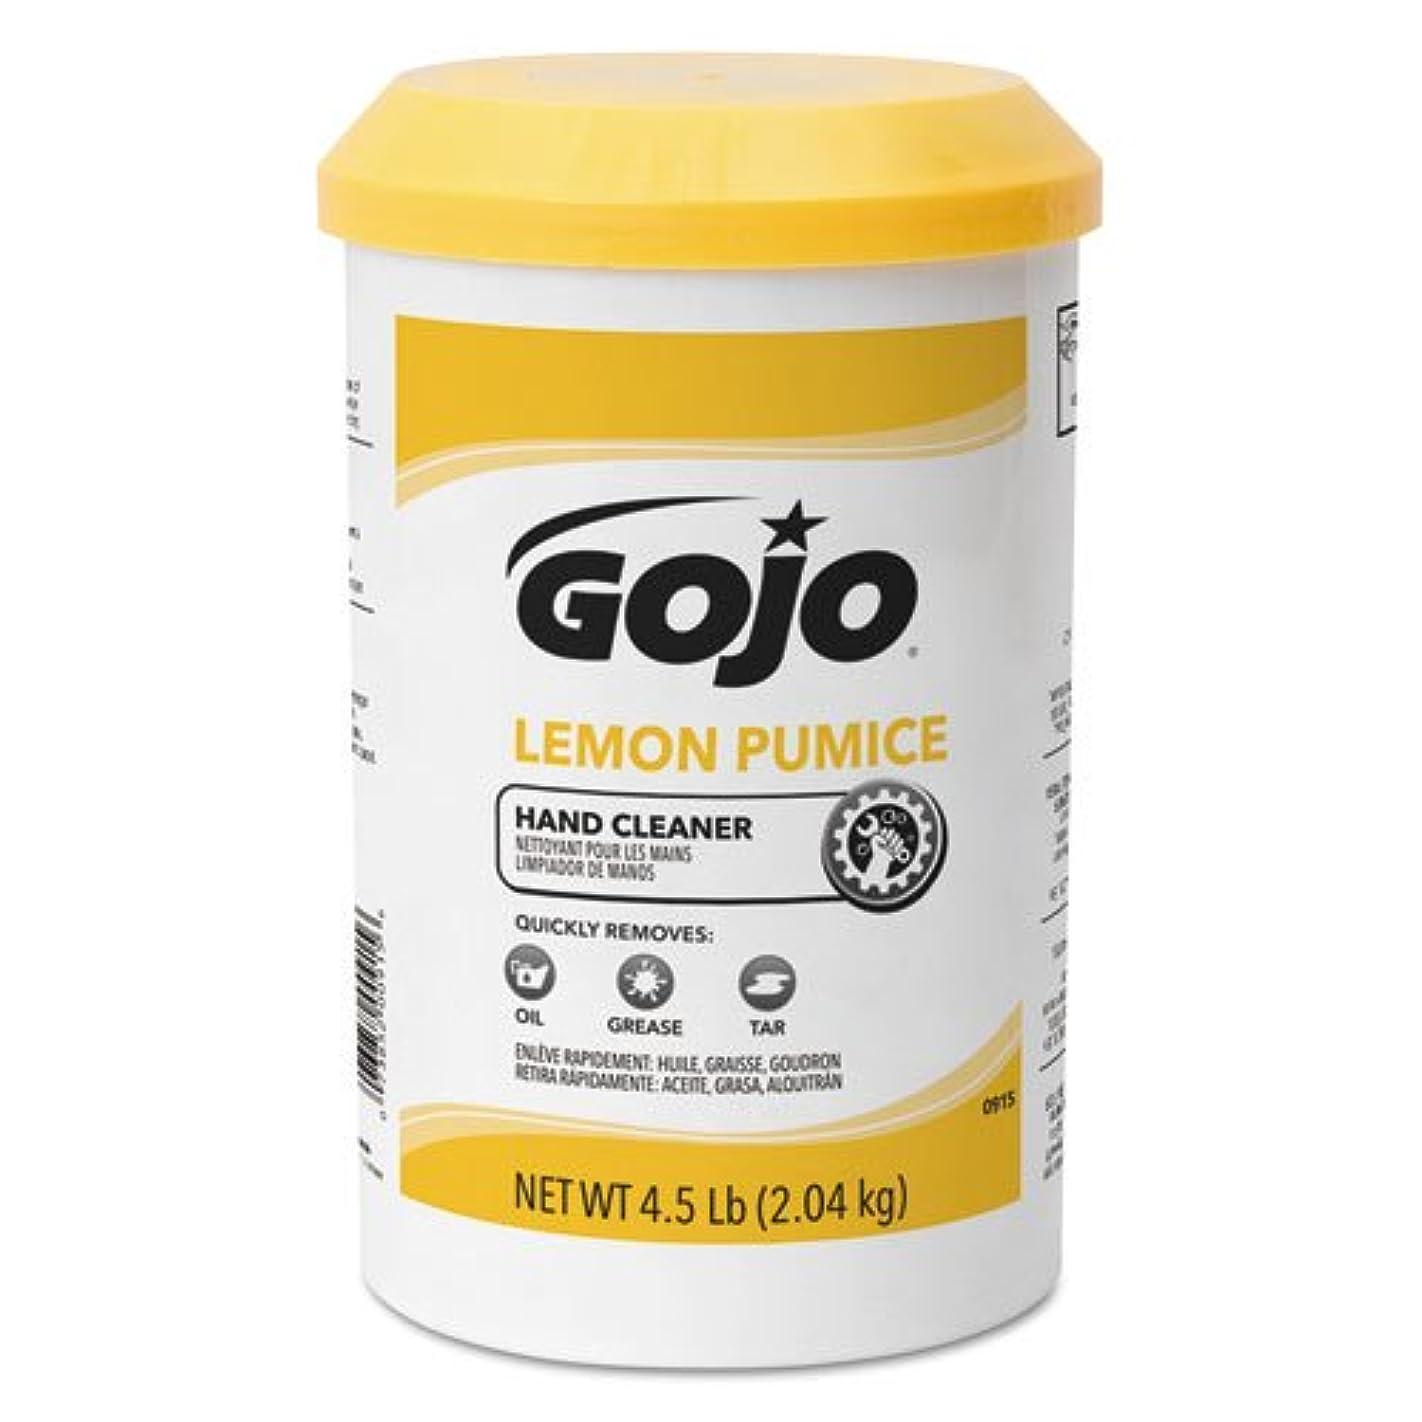 何でも心臓明らかにするGojo レモンプーミス ハンドクリーナー レモンの香り 4.5ポンド GOJ0915